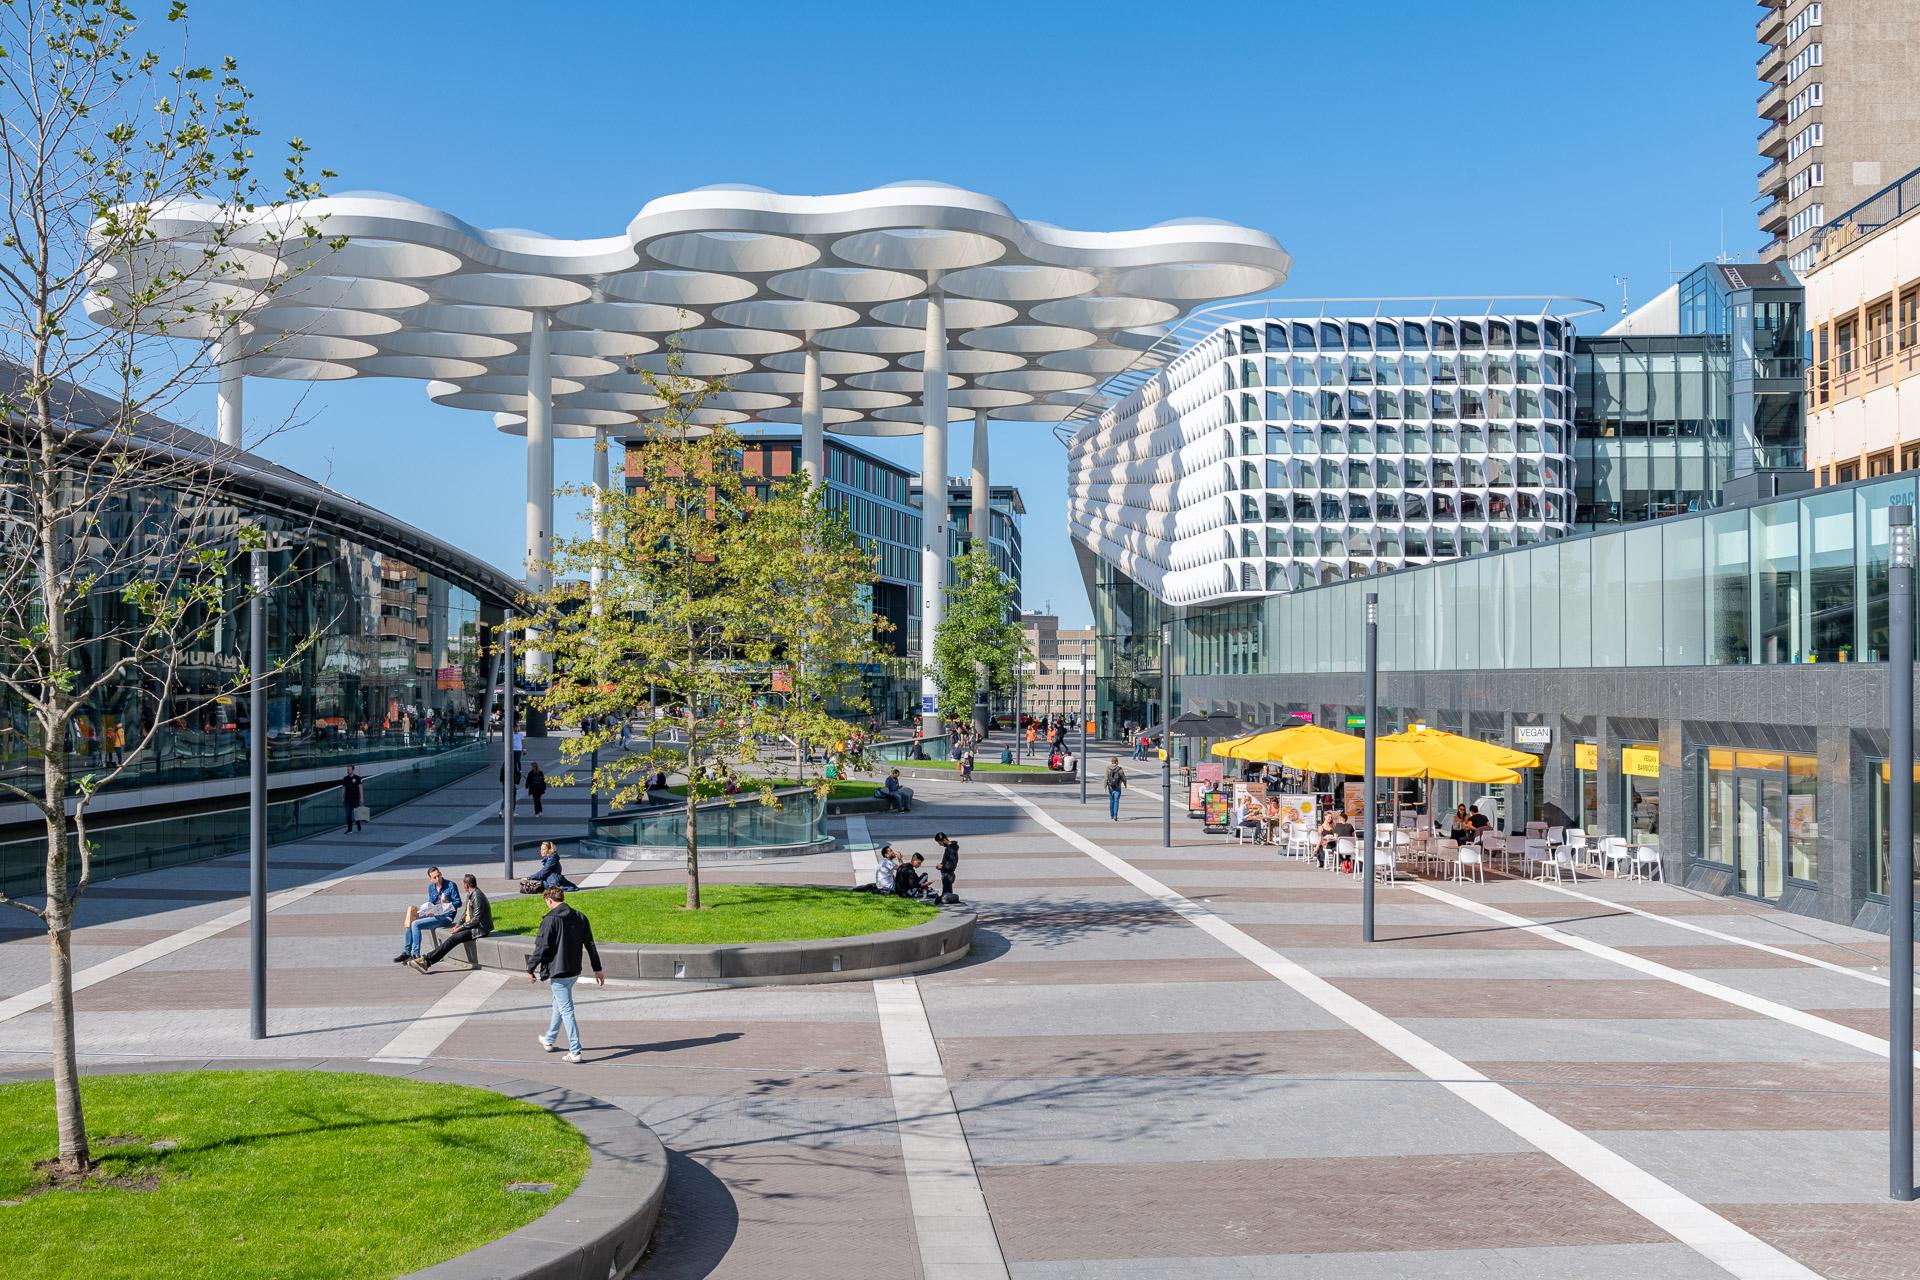 Hoog Catharijne Utrecht - WALTER FRISART FOTOWERK